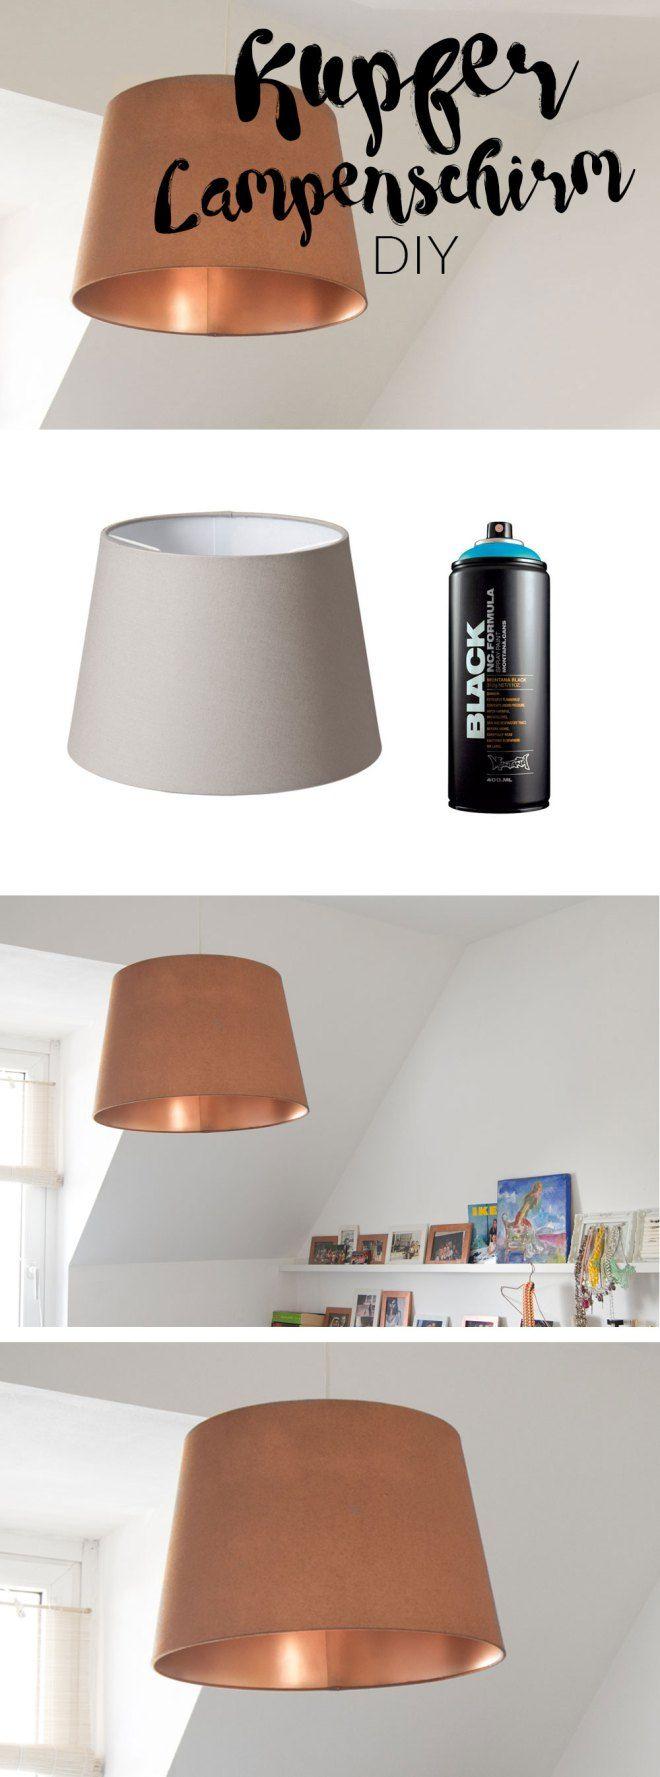 die besten 17 ideen zu diy lampenschirm auf pinterest. Black Bedroom Furniture Sets. Home Design Ideas